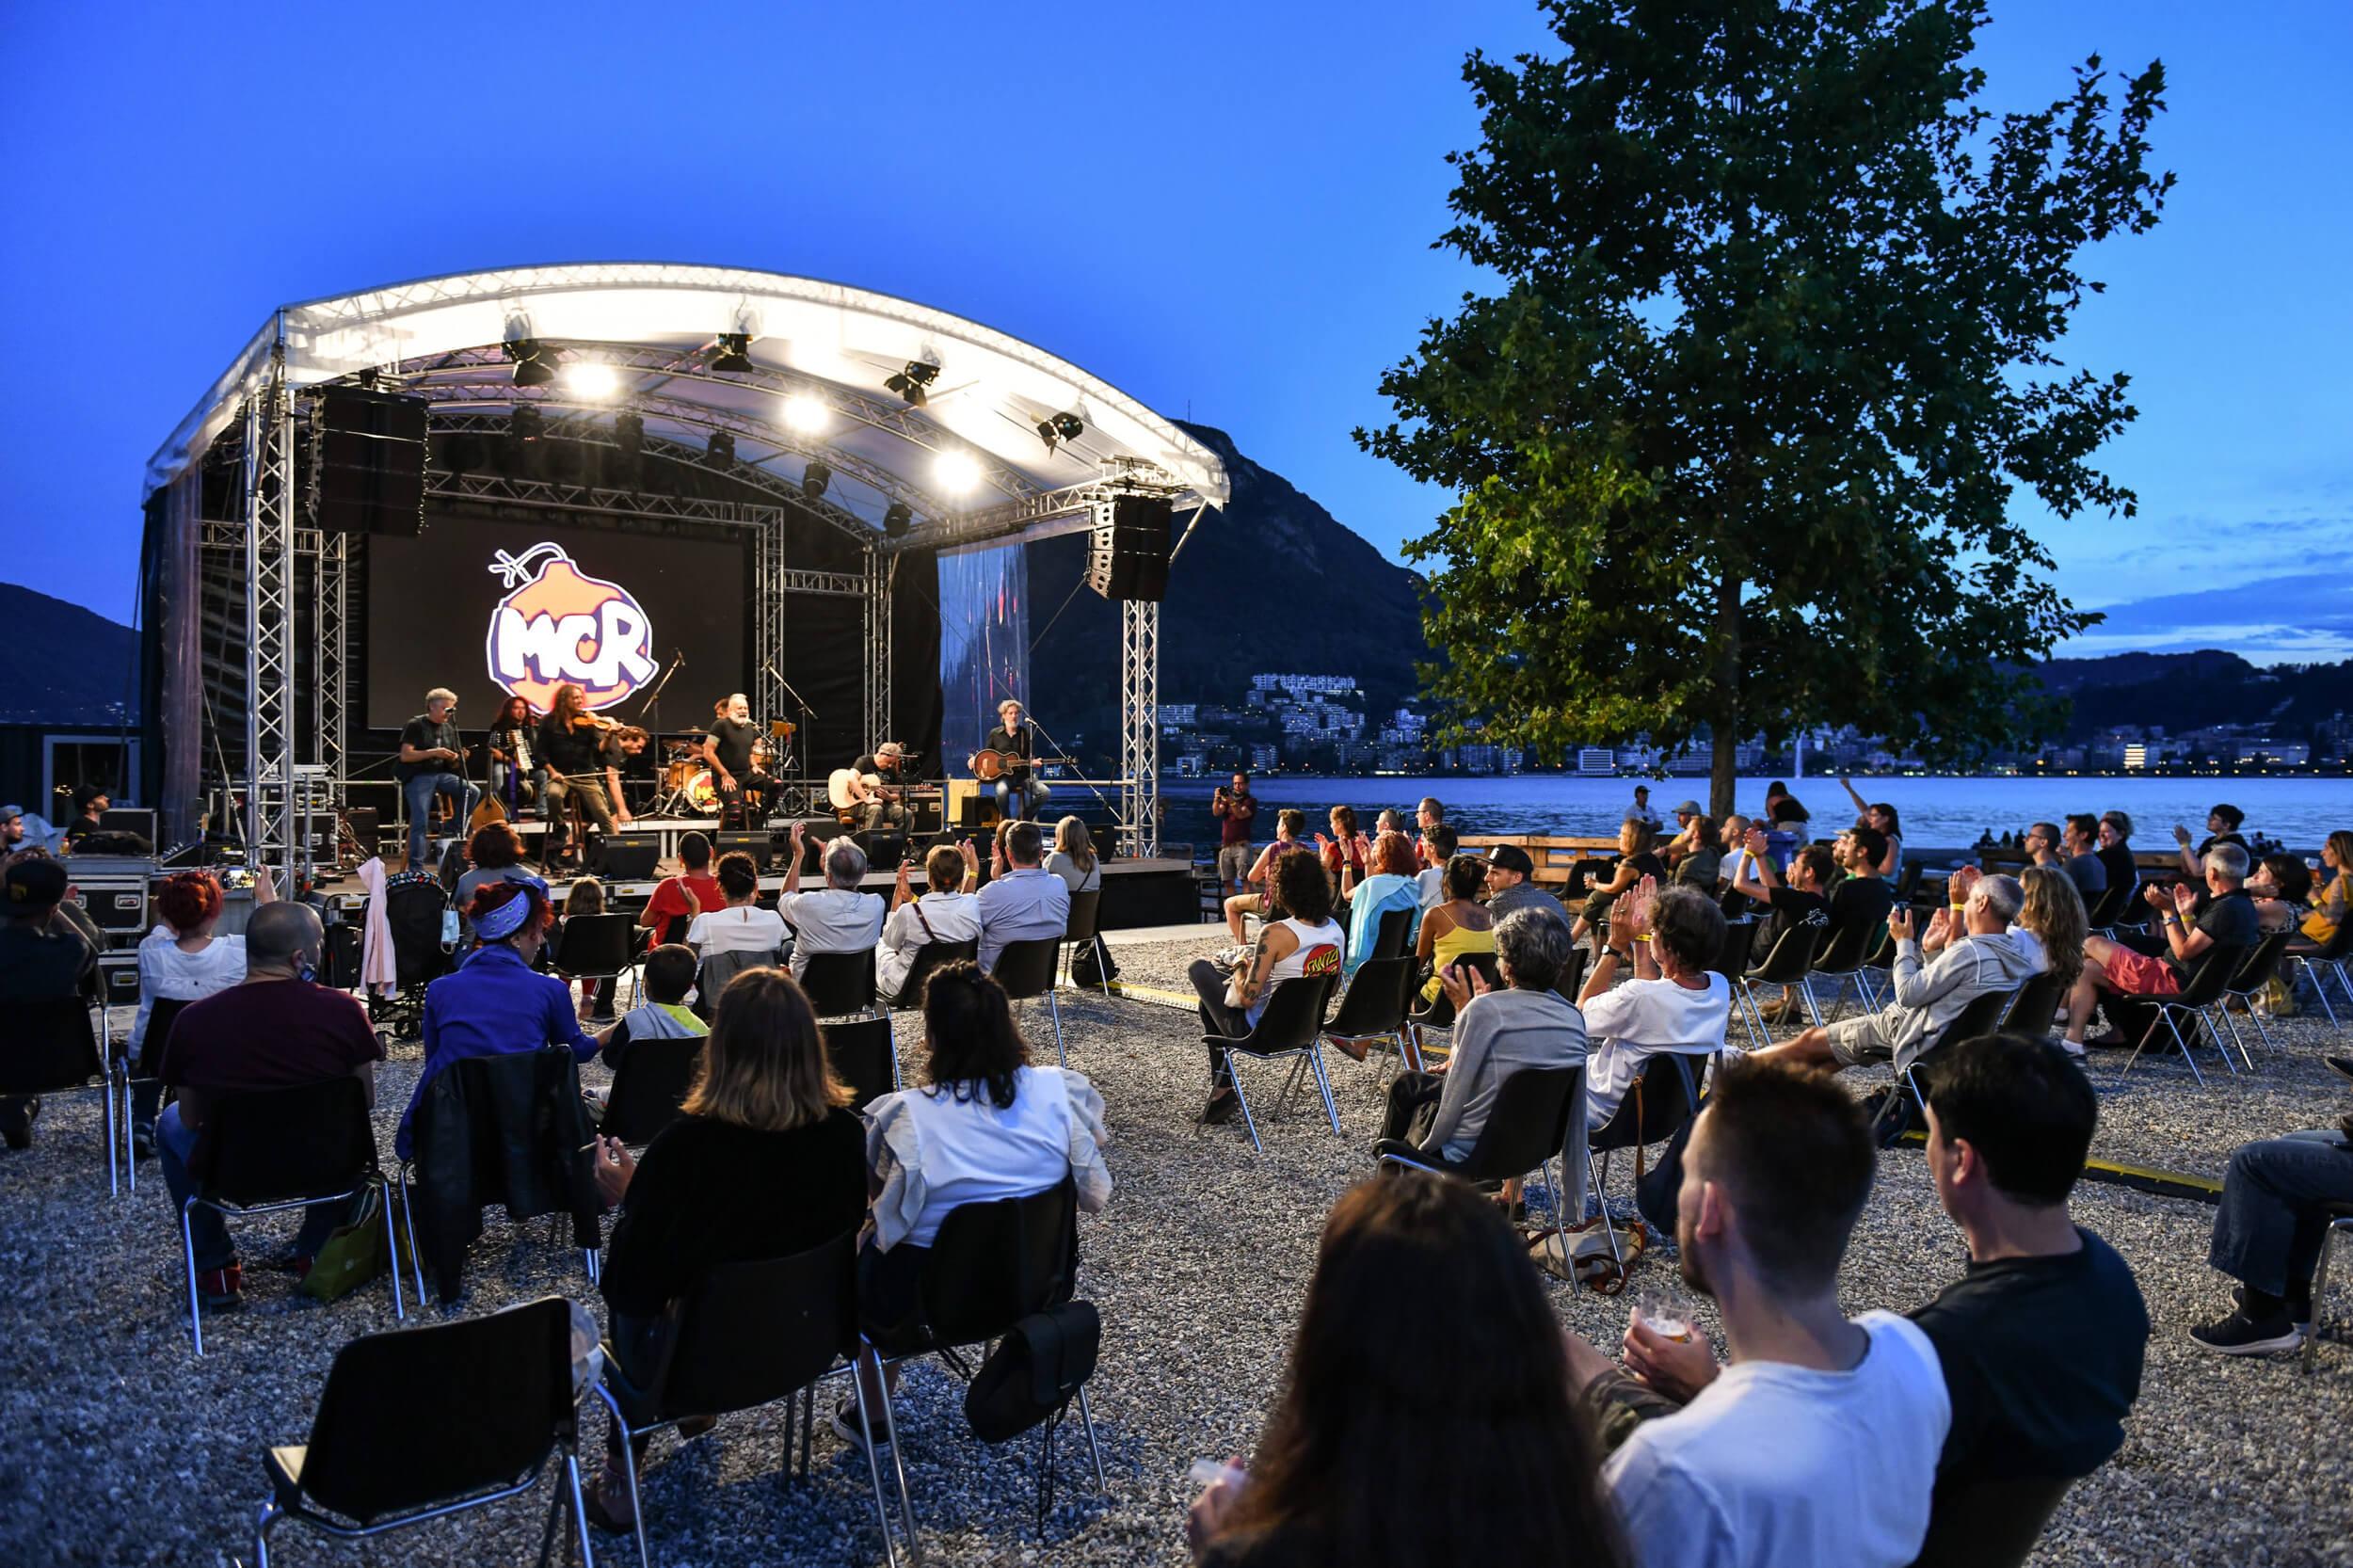 © Divisione eventi e congressi, città di Lugano